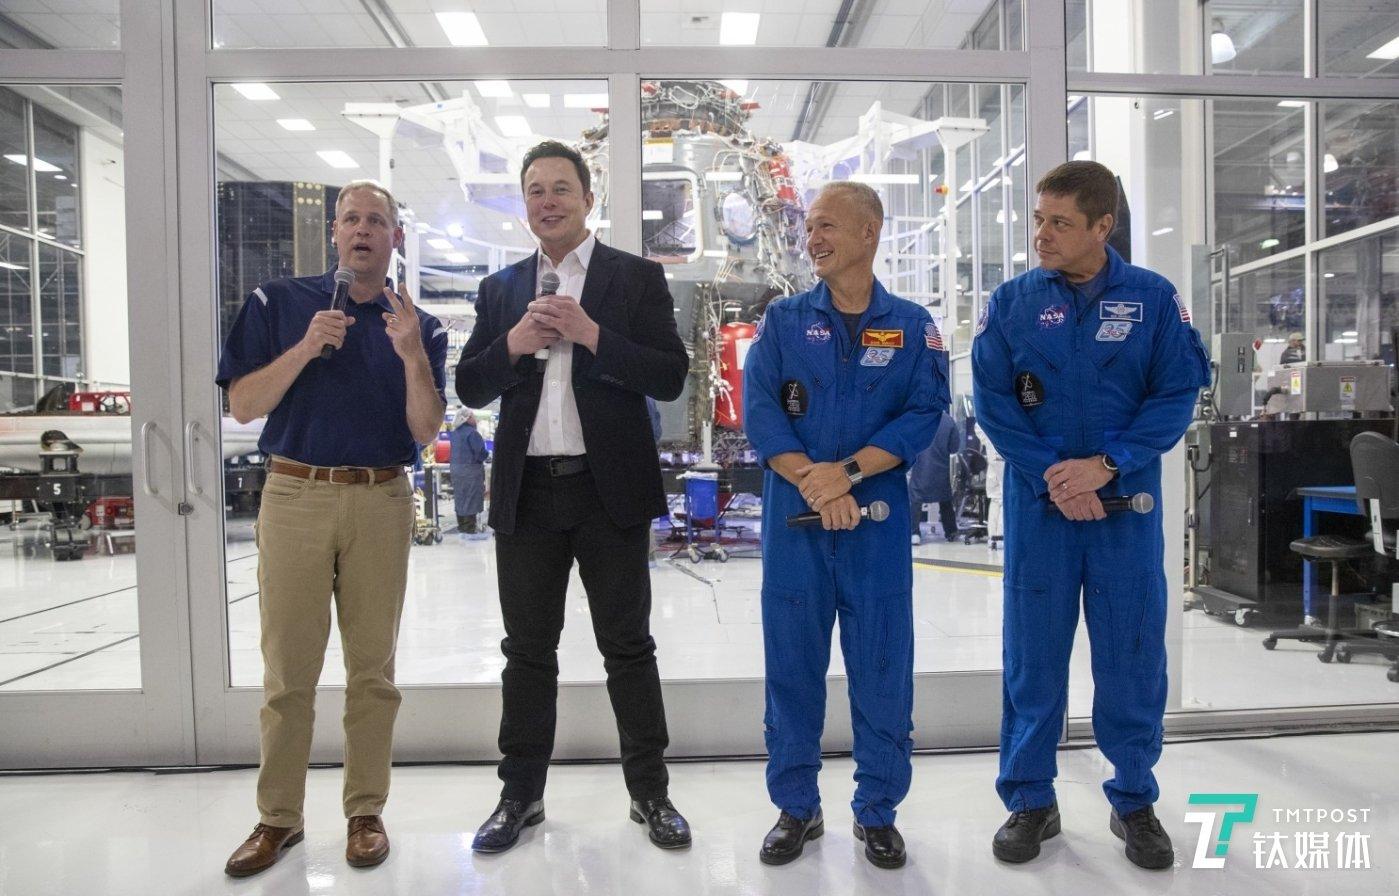 从左至右分别是:美国宇航局局长吉姆·布莱登斯汀(Jim Bridenstine);SpaceX的创始人埃隆·马斯克(Elon Musk);以及载人龙飞船的两名宇航员道格·赫尔利和鲍勃·本肯(图片来源:洛杉矶时报)